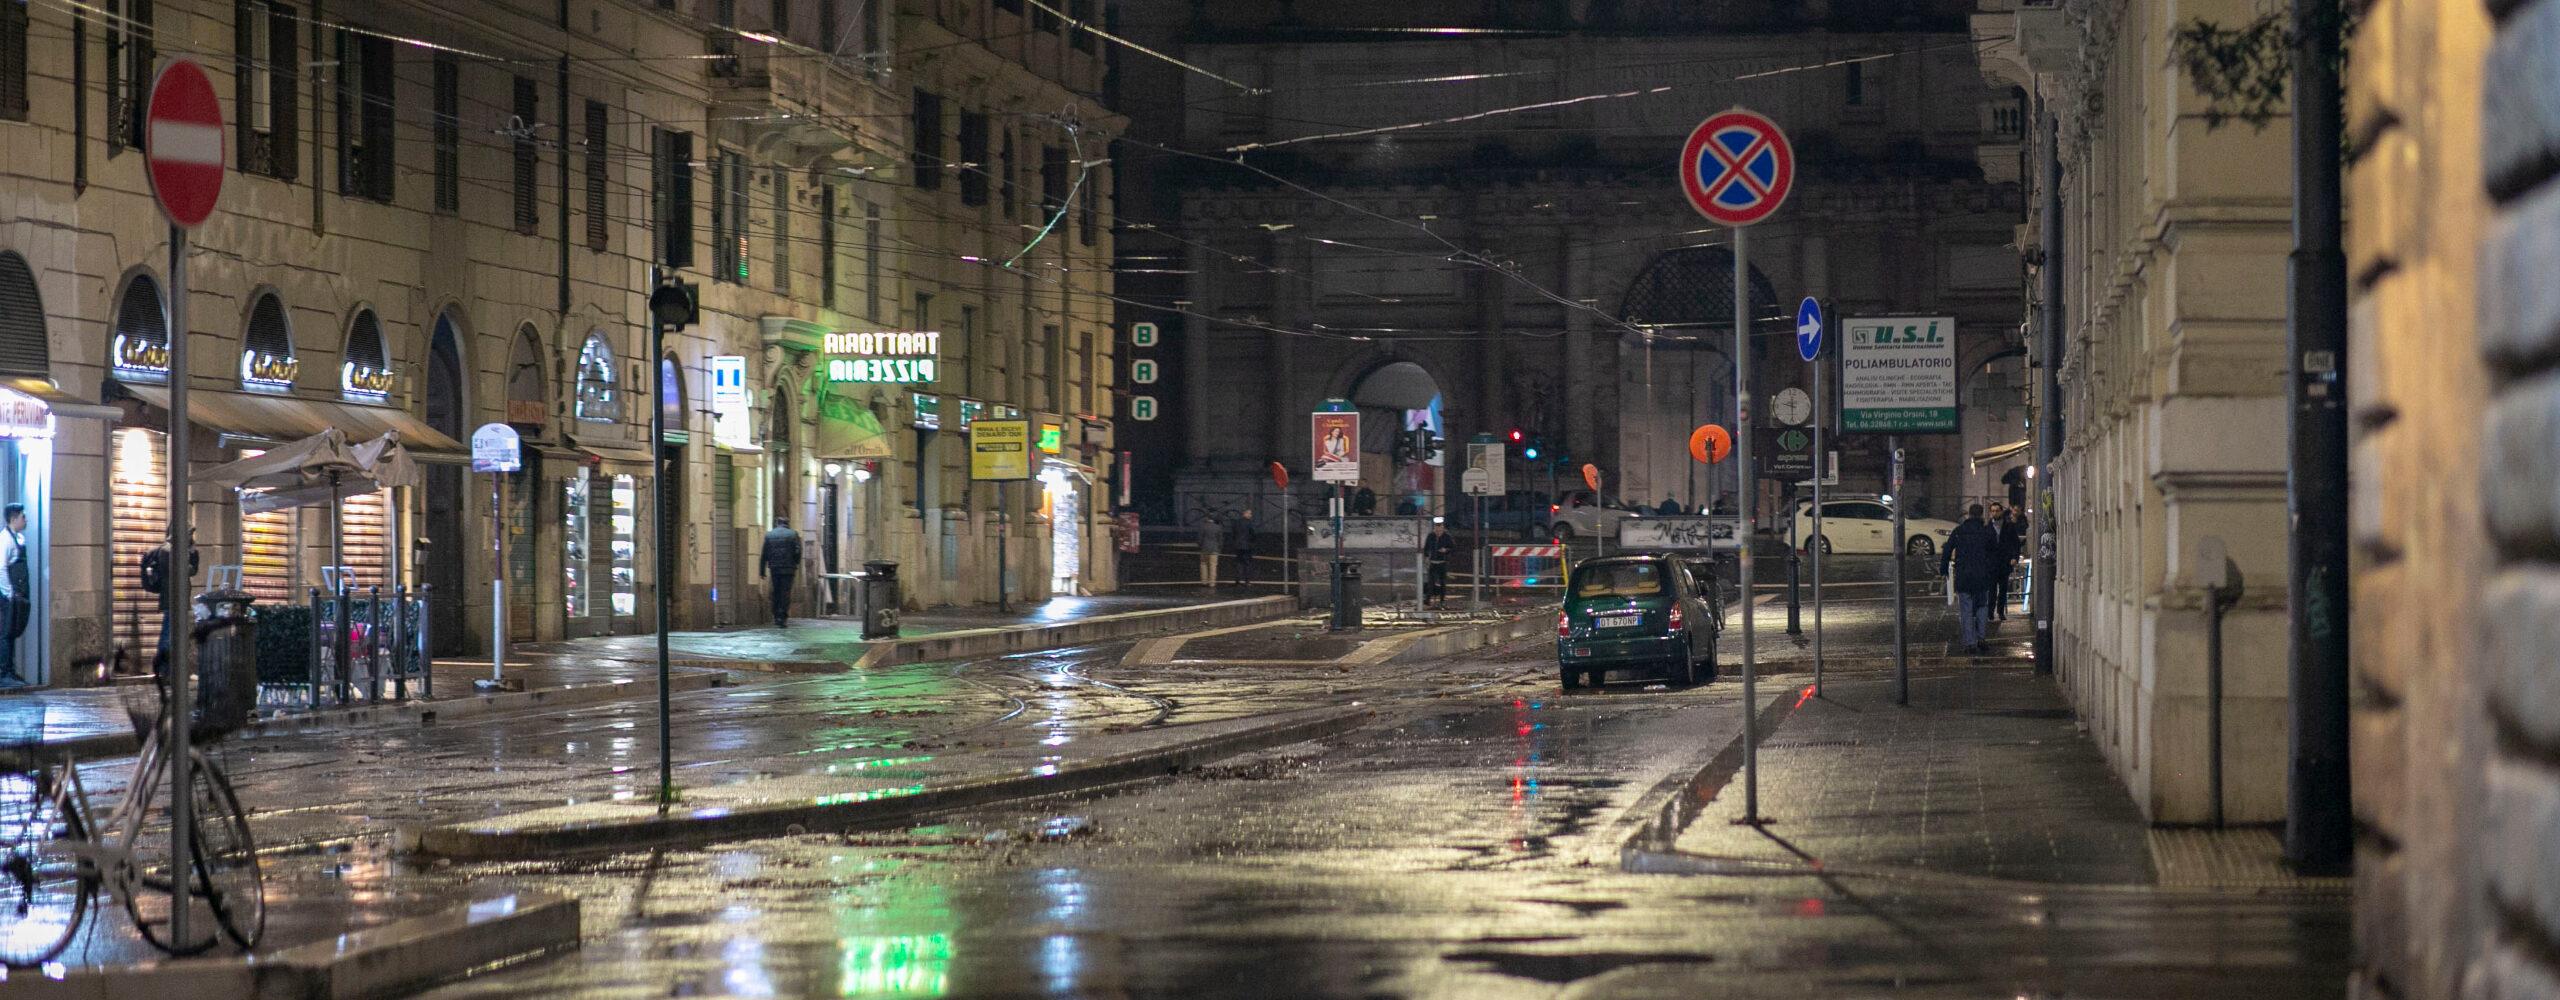 Дождливый вечер вРиме ч.7